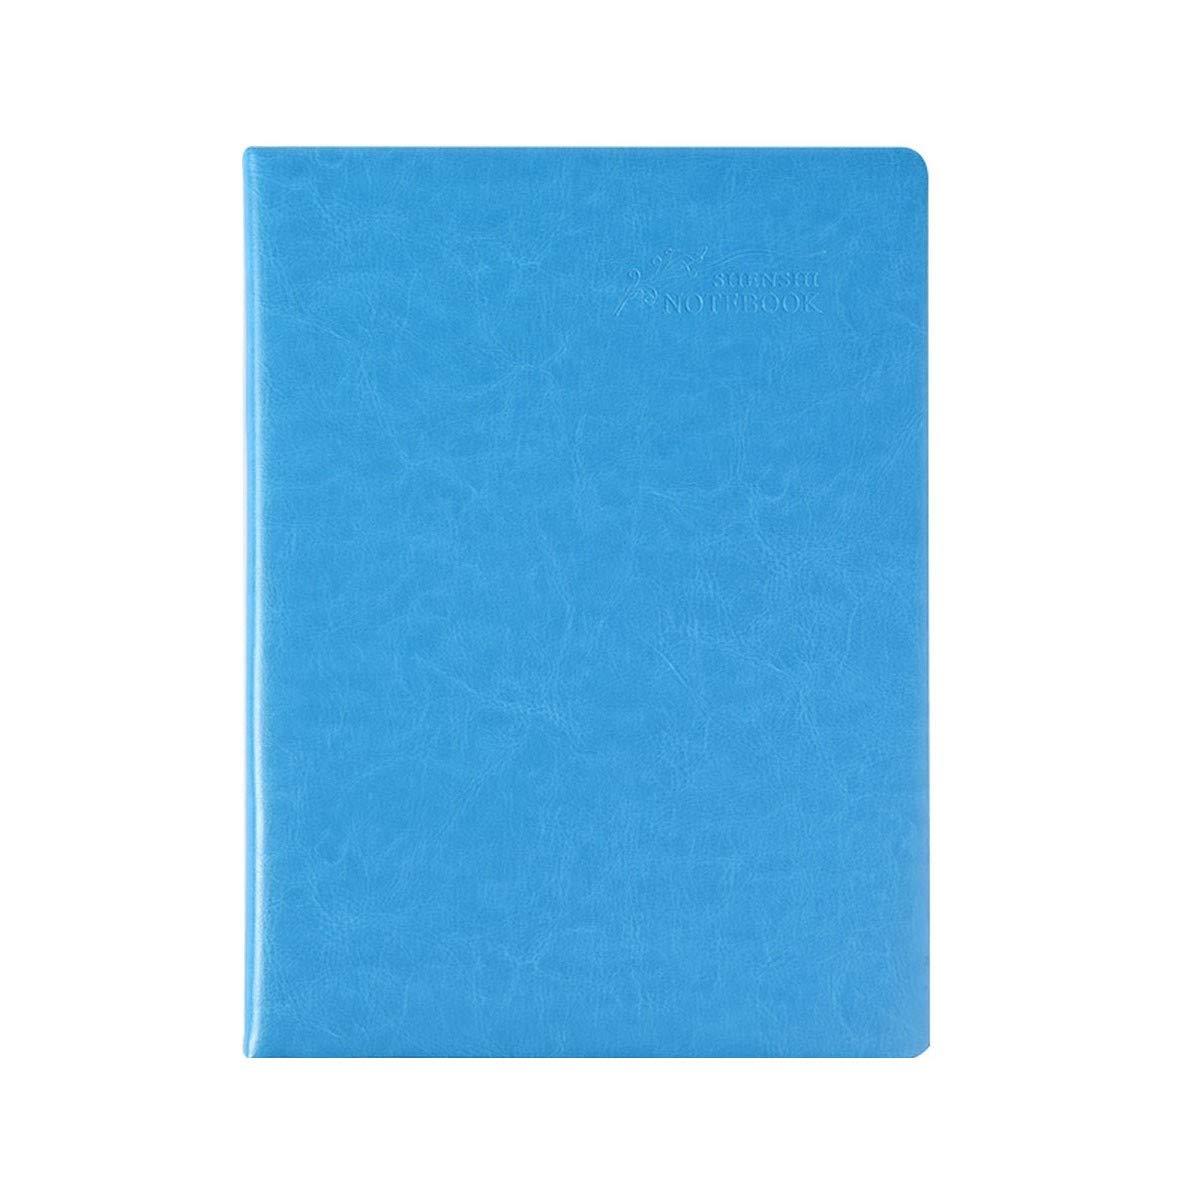 NTCY Cuaderno Espese El Cuaderno Del Negocio Del Trabajo Trabajo Trabajo Del Aprendizaje De La Oficina Del Libro Del Diario De La Libreta A4 De Los Efectos De Escritorio Del Cuaderno,E 0c47ae